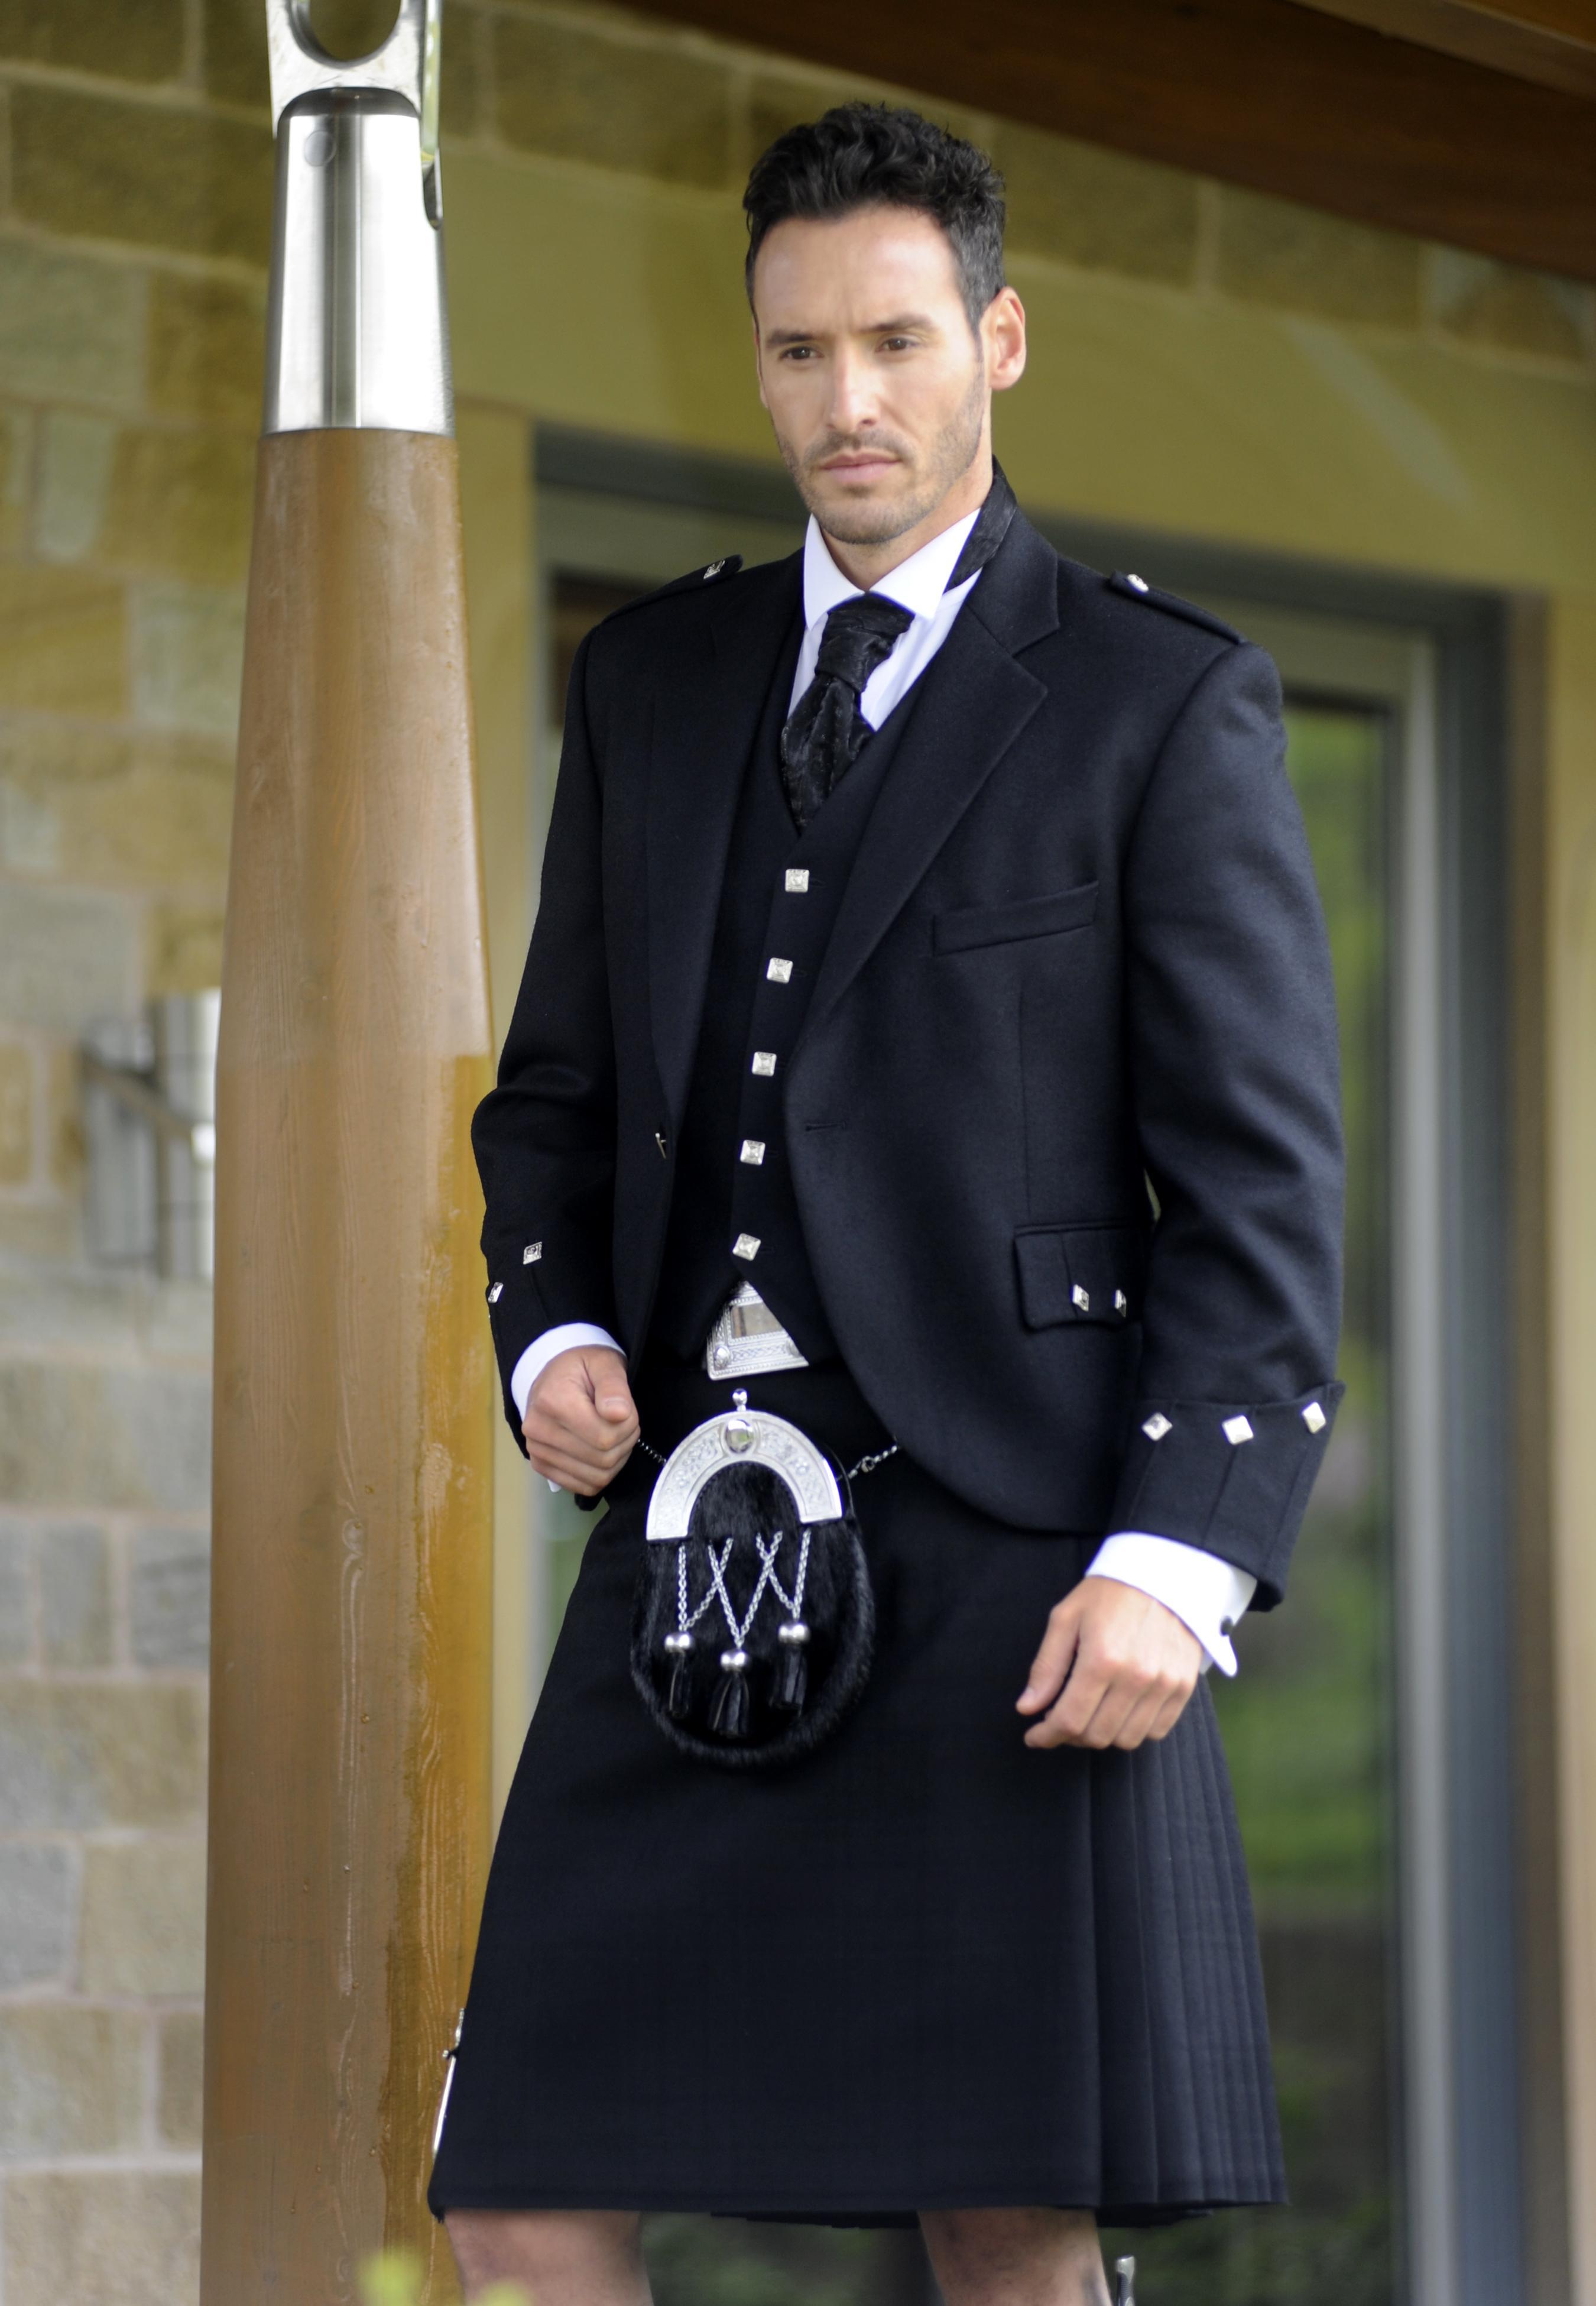 Black Spirit kilt with Argyle jacket high button waistcoat scrunch tie and sporan